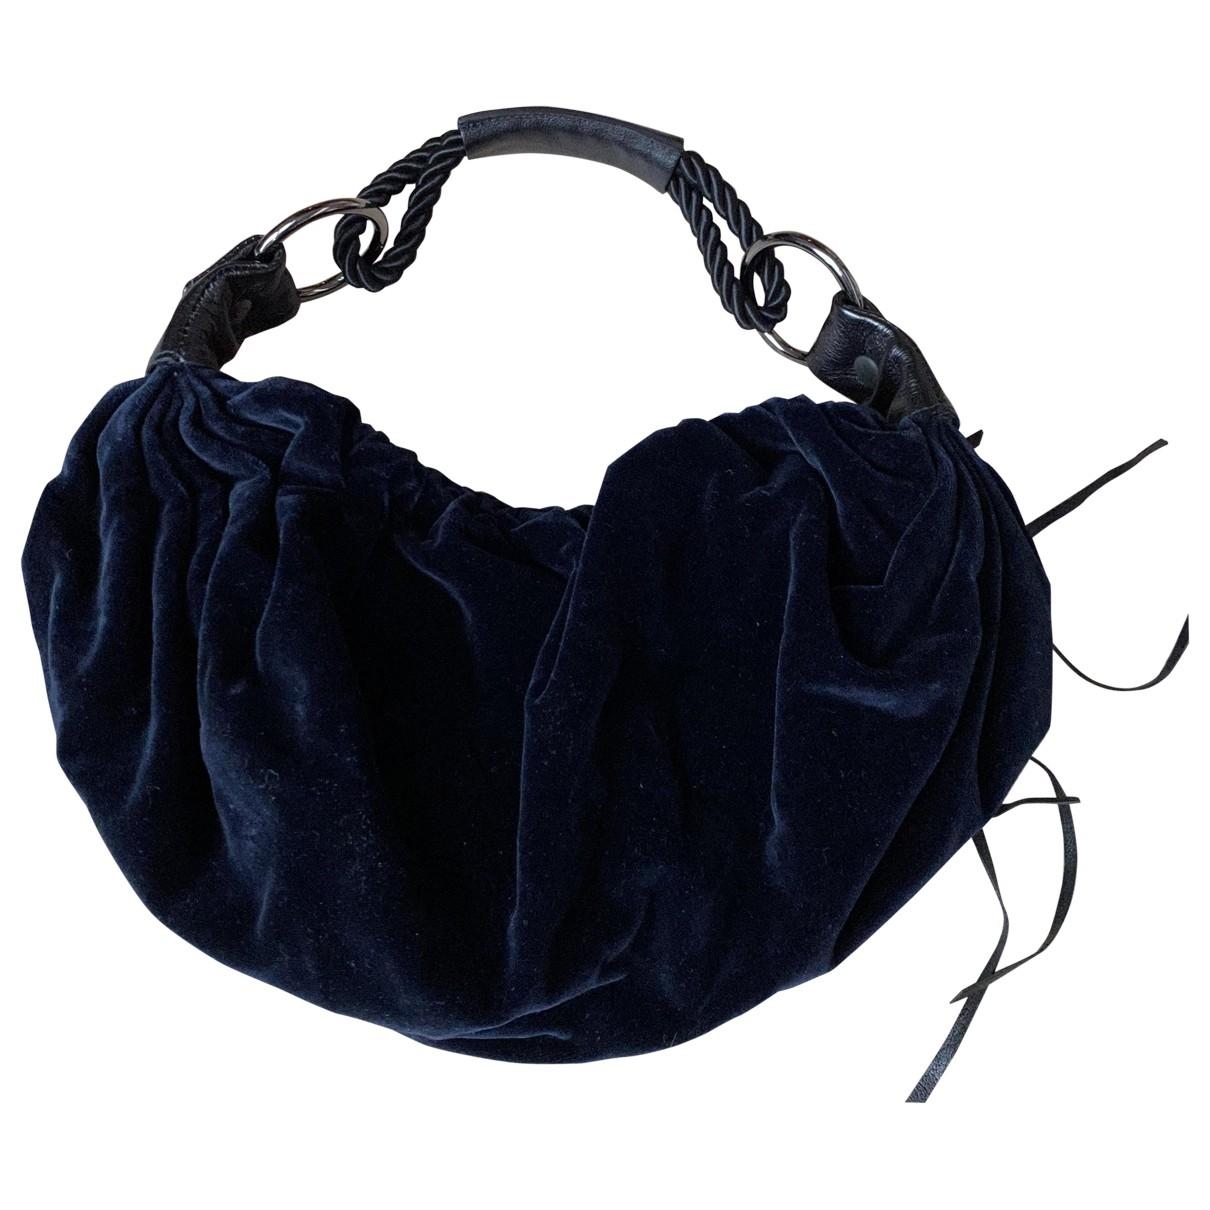 Miu Miu \N Handtasche in  Blau Samt